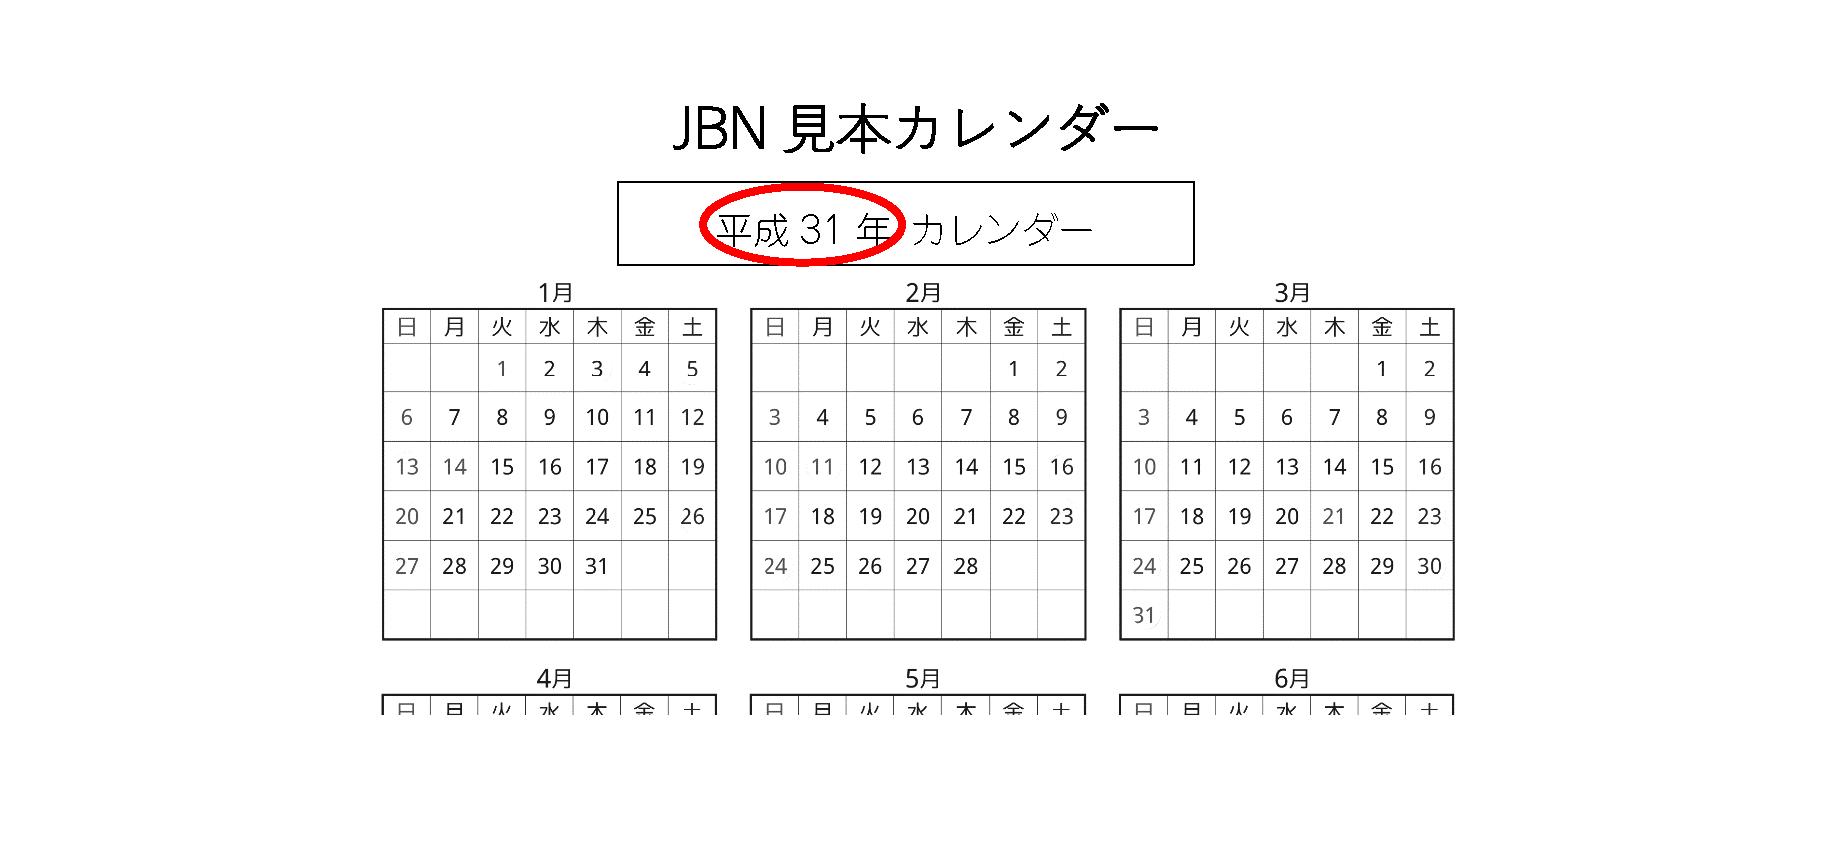 JBN見本カレンダー